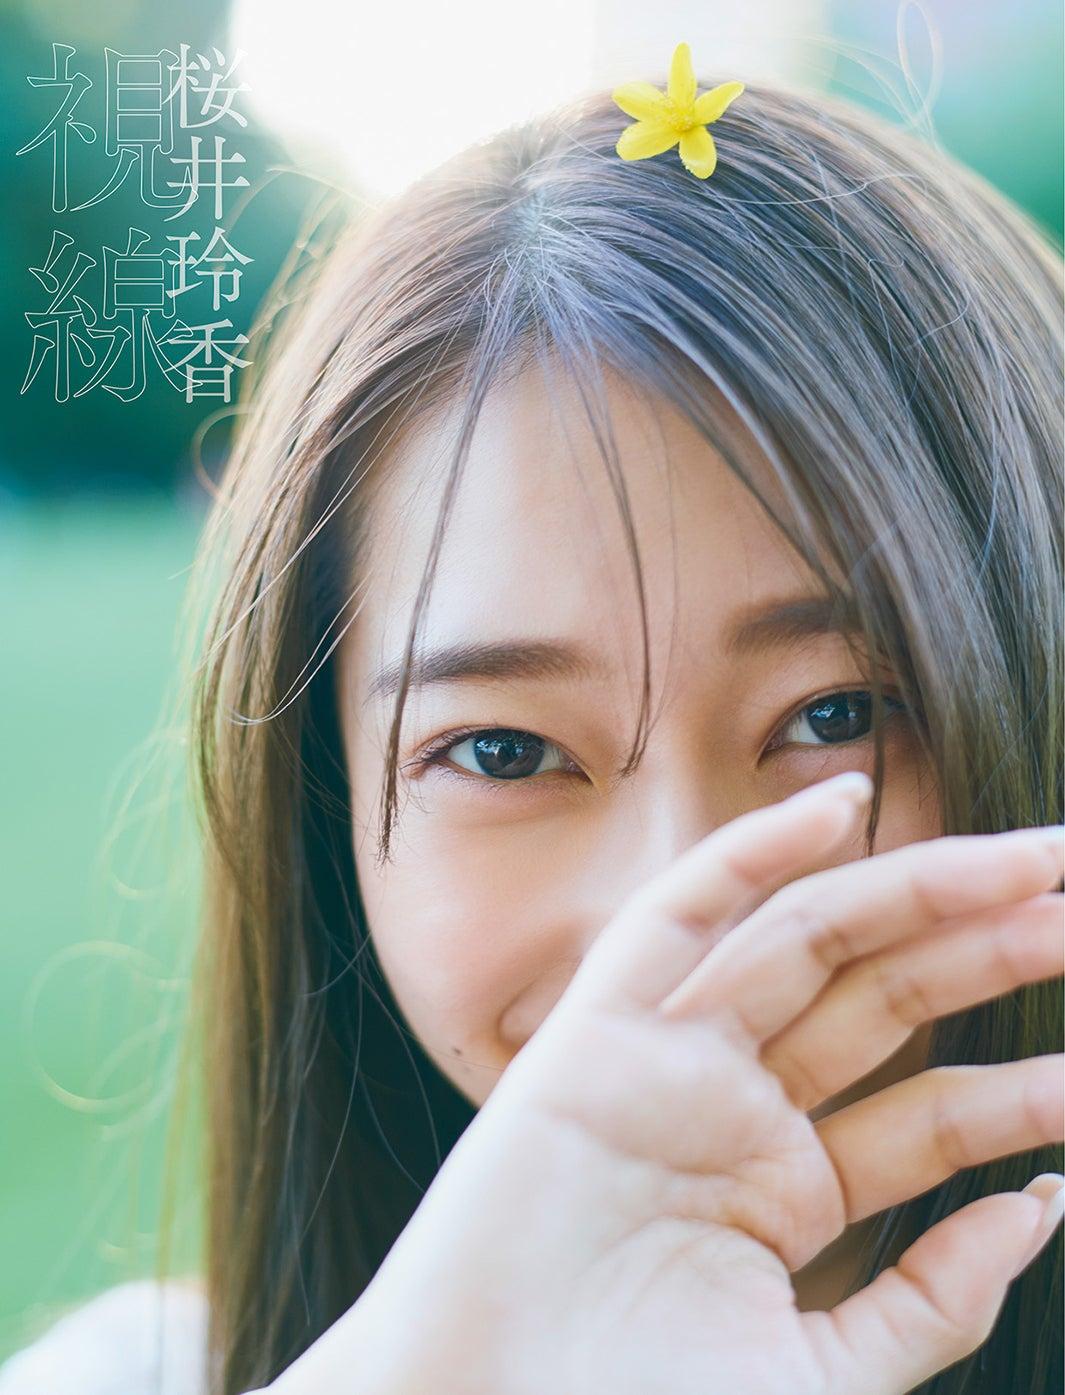 桜井玲香2nd写真集『視線』表紙 セブンネット